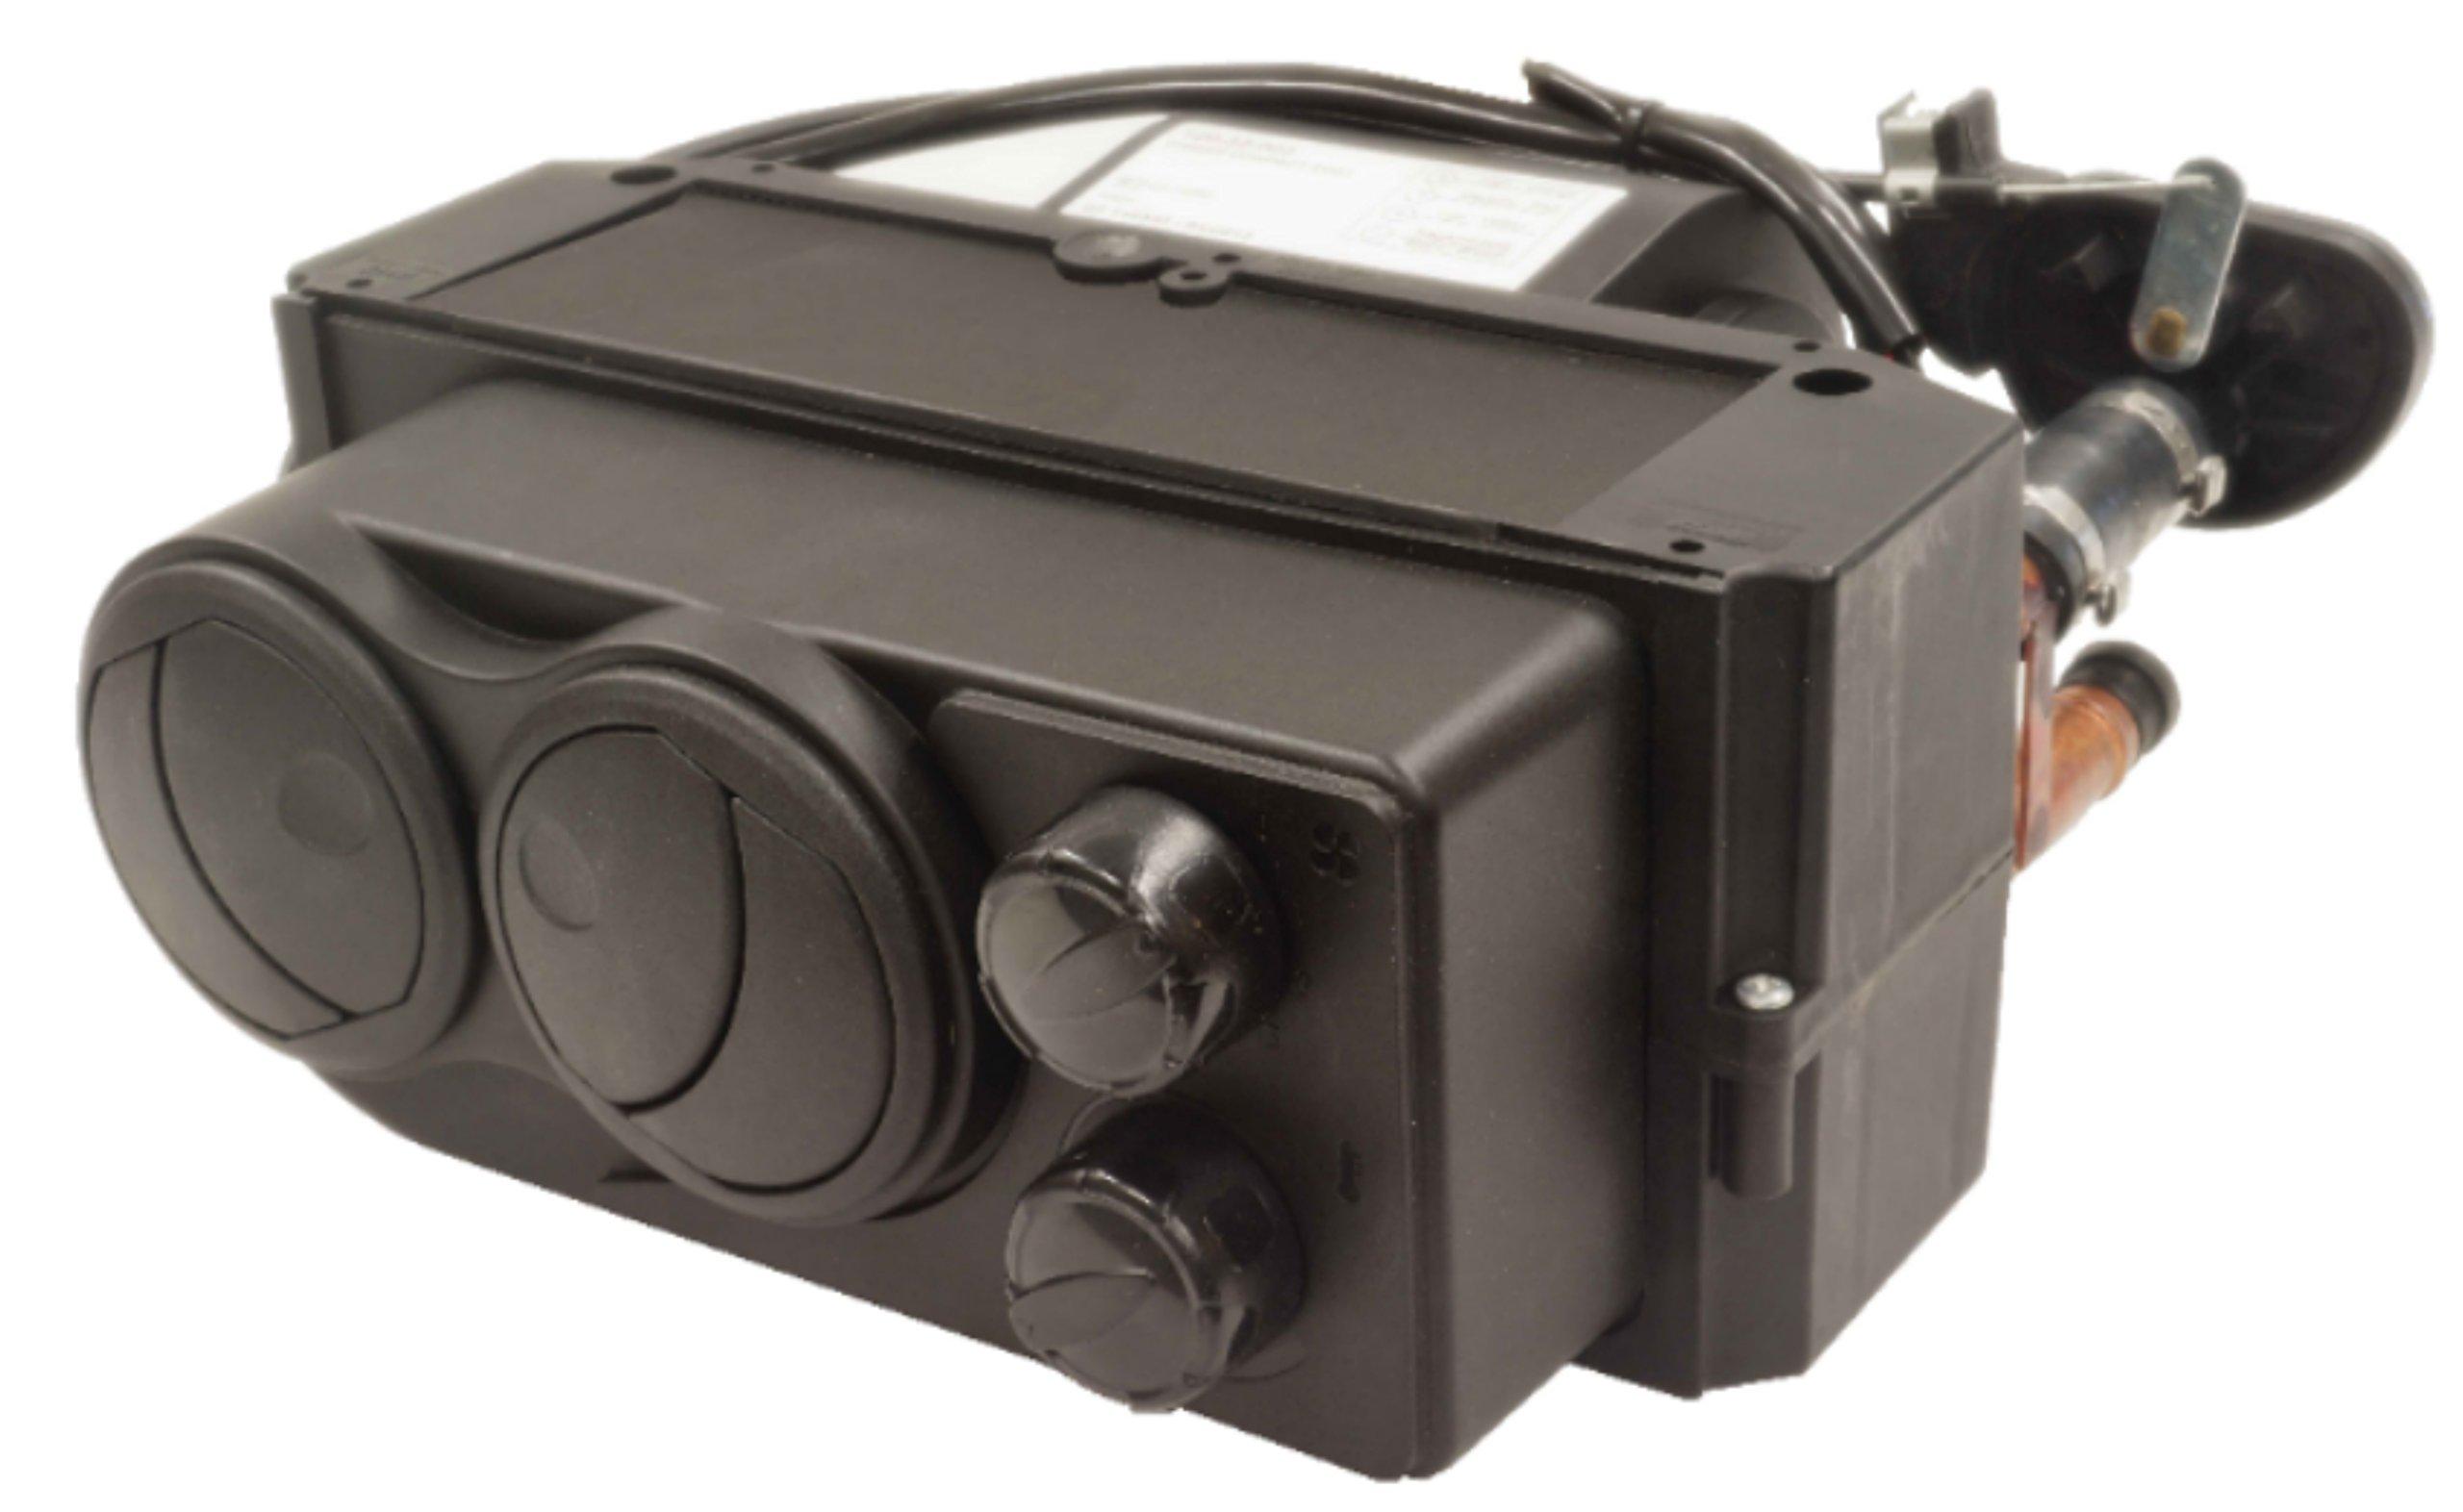 Firestorm UTV Cab Heater Kit (Compact) for Full & Mid Size Polaris Ranger & Crew